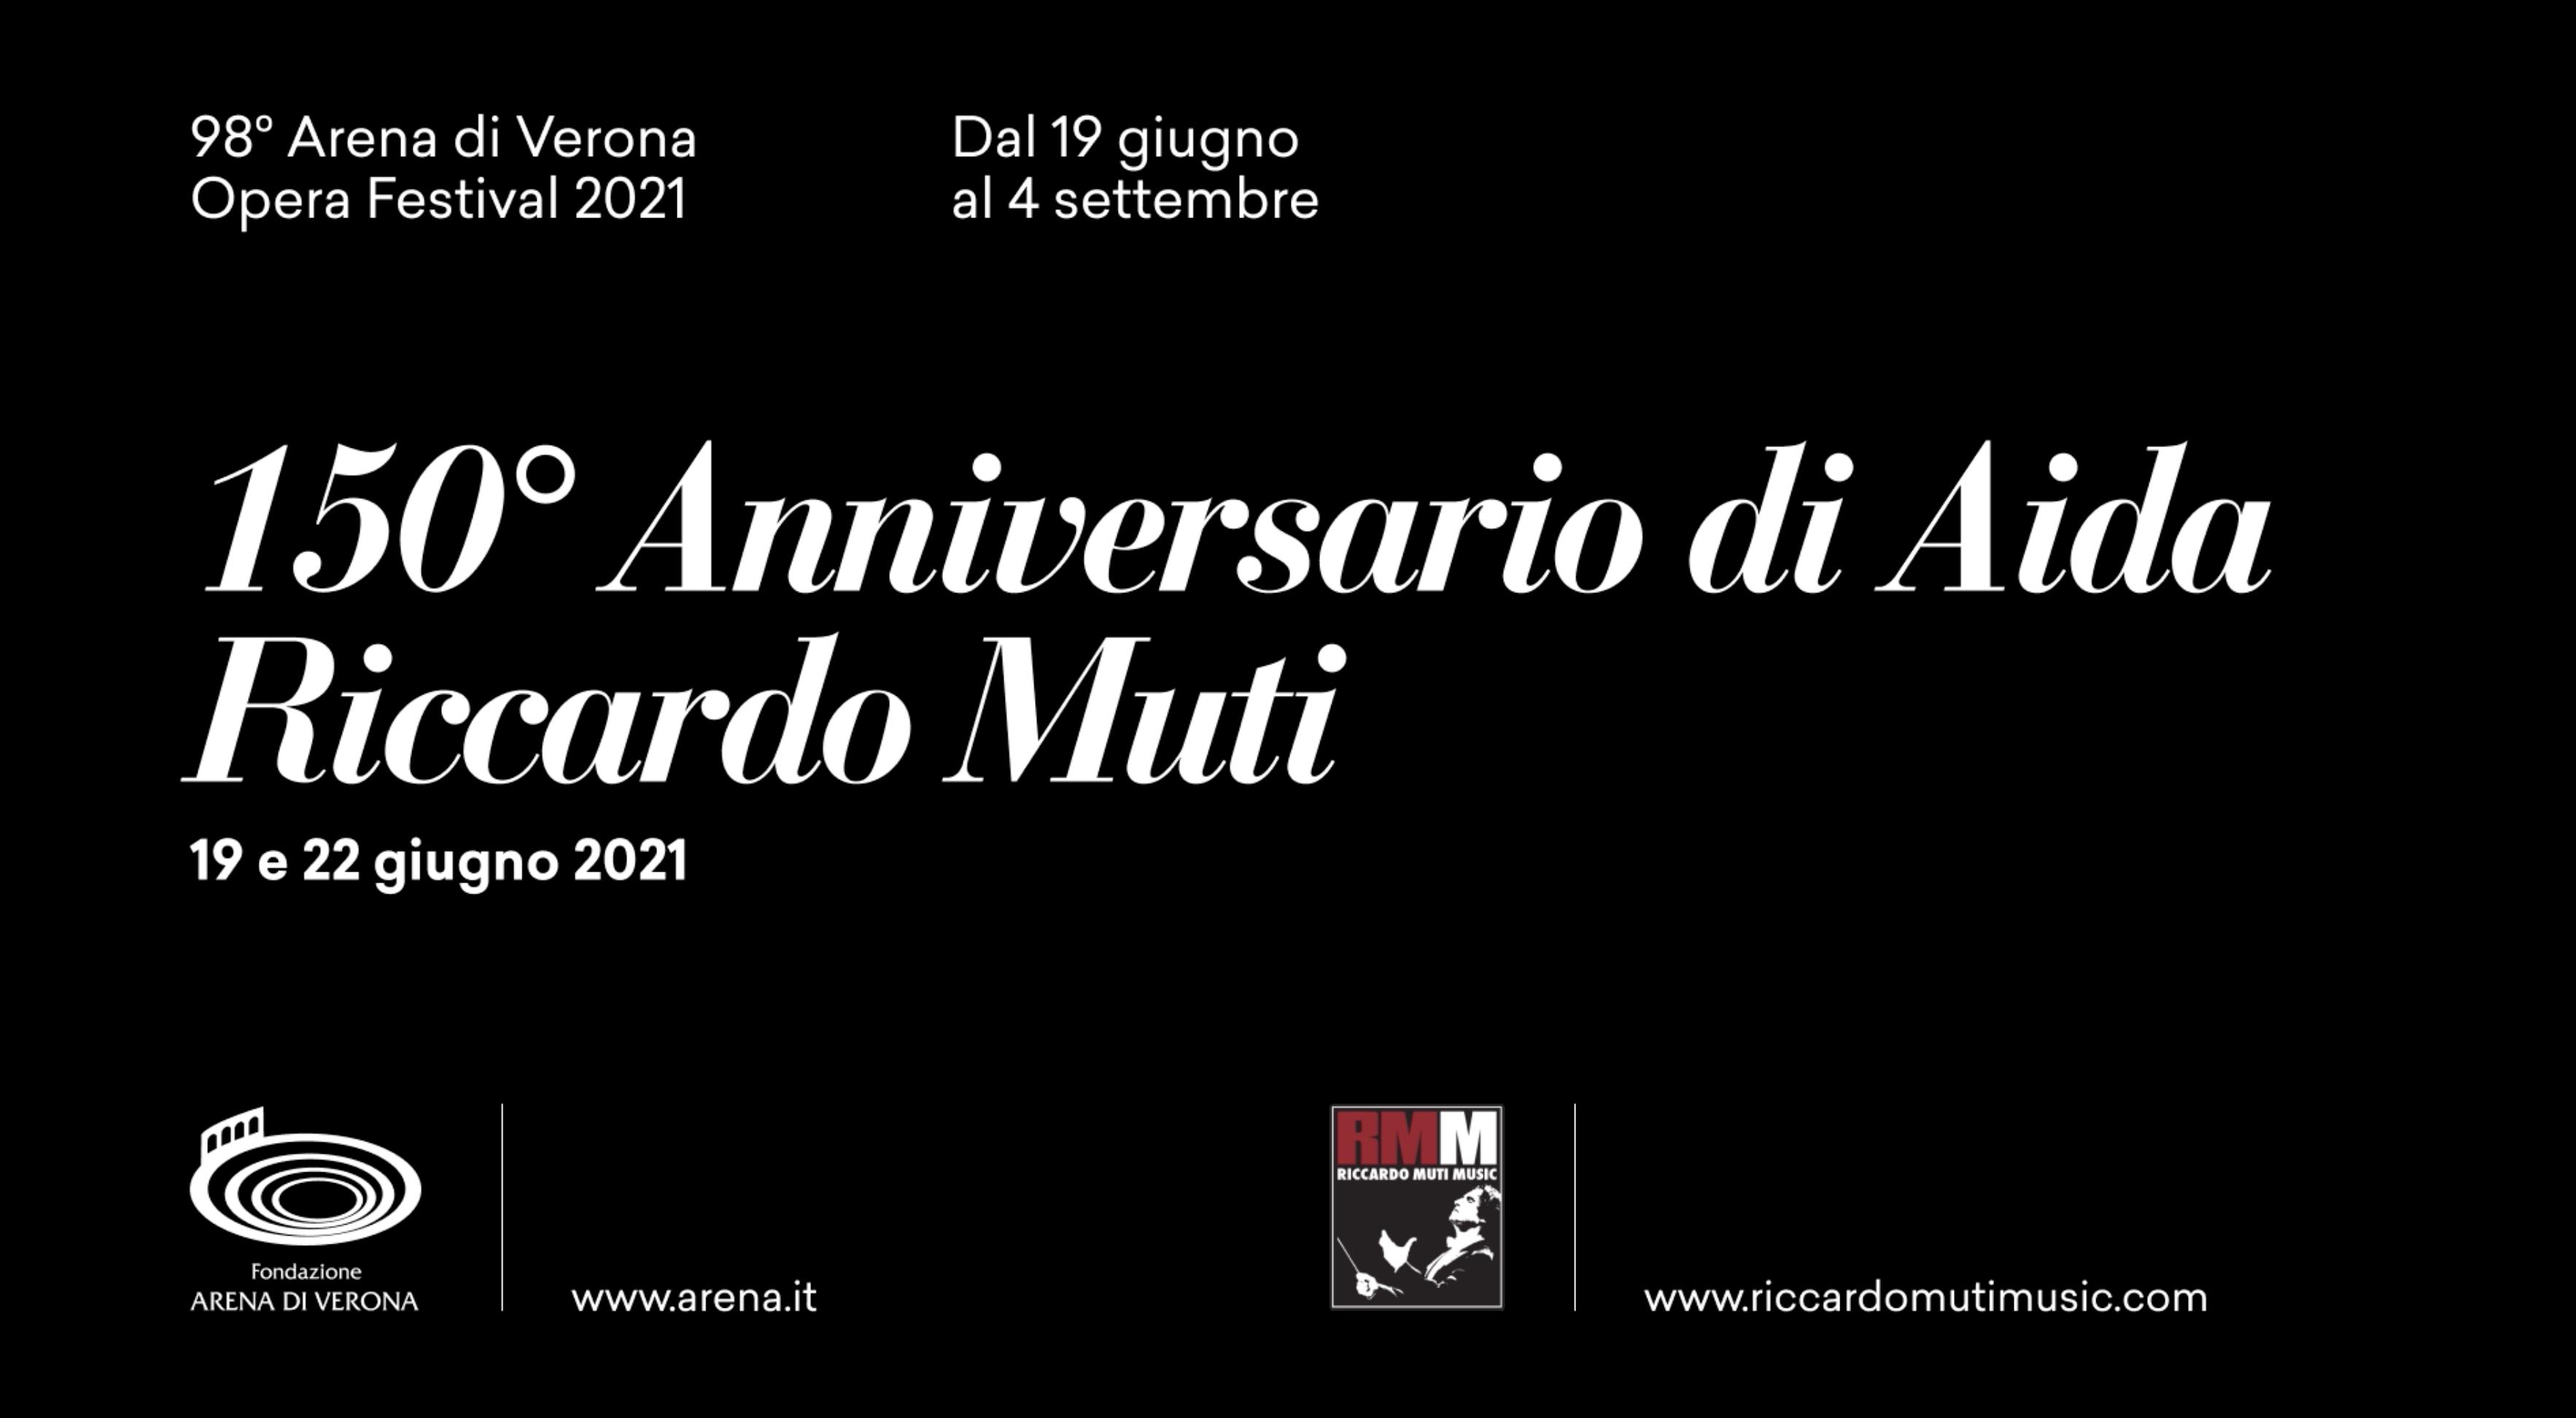 Verona: Am, 19. Juni, beginnen die 98. Opernfestival mit Verdis Aida unter der Leitung von Muti